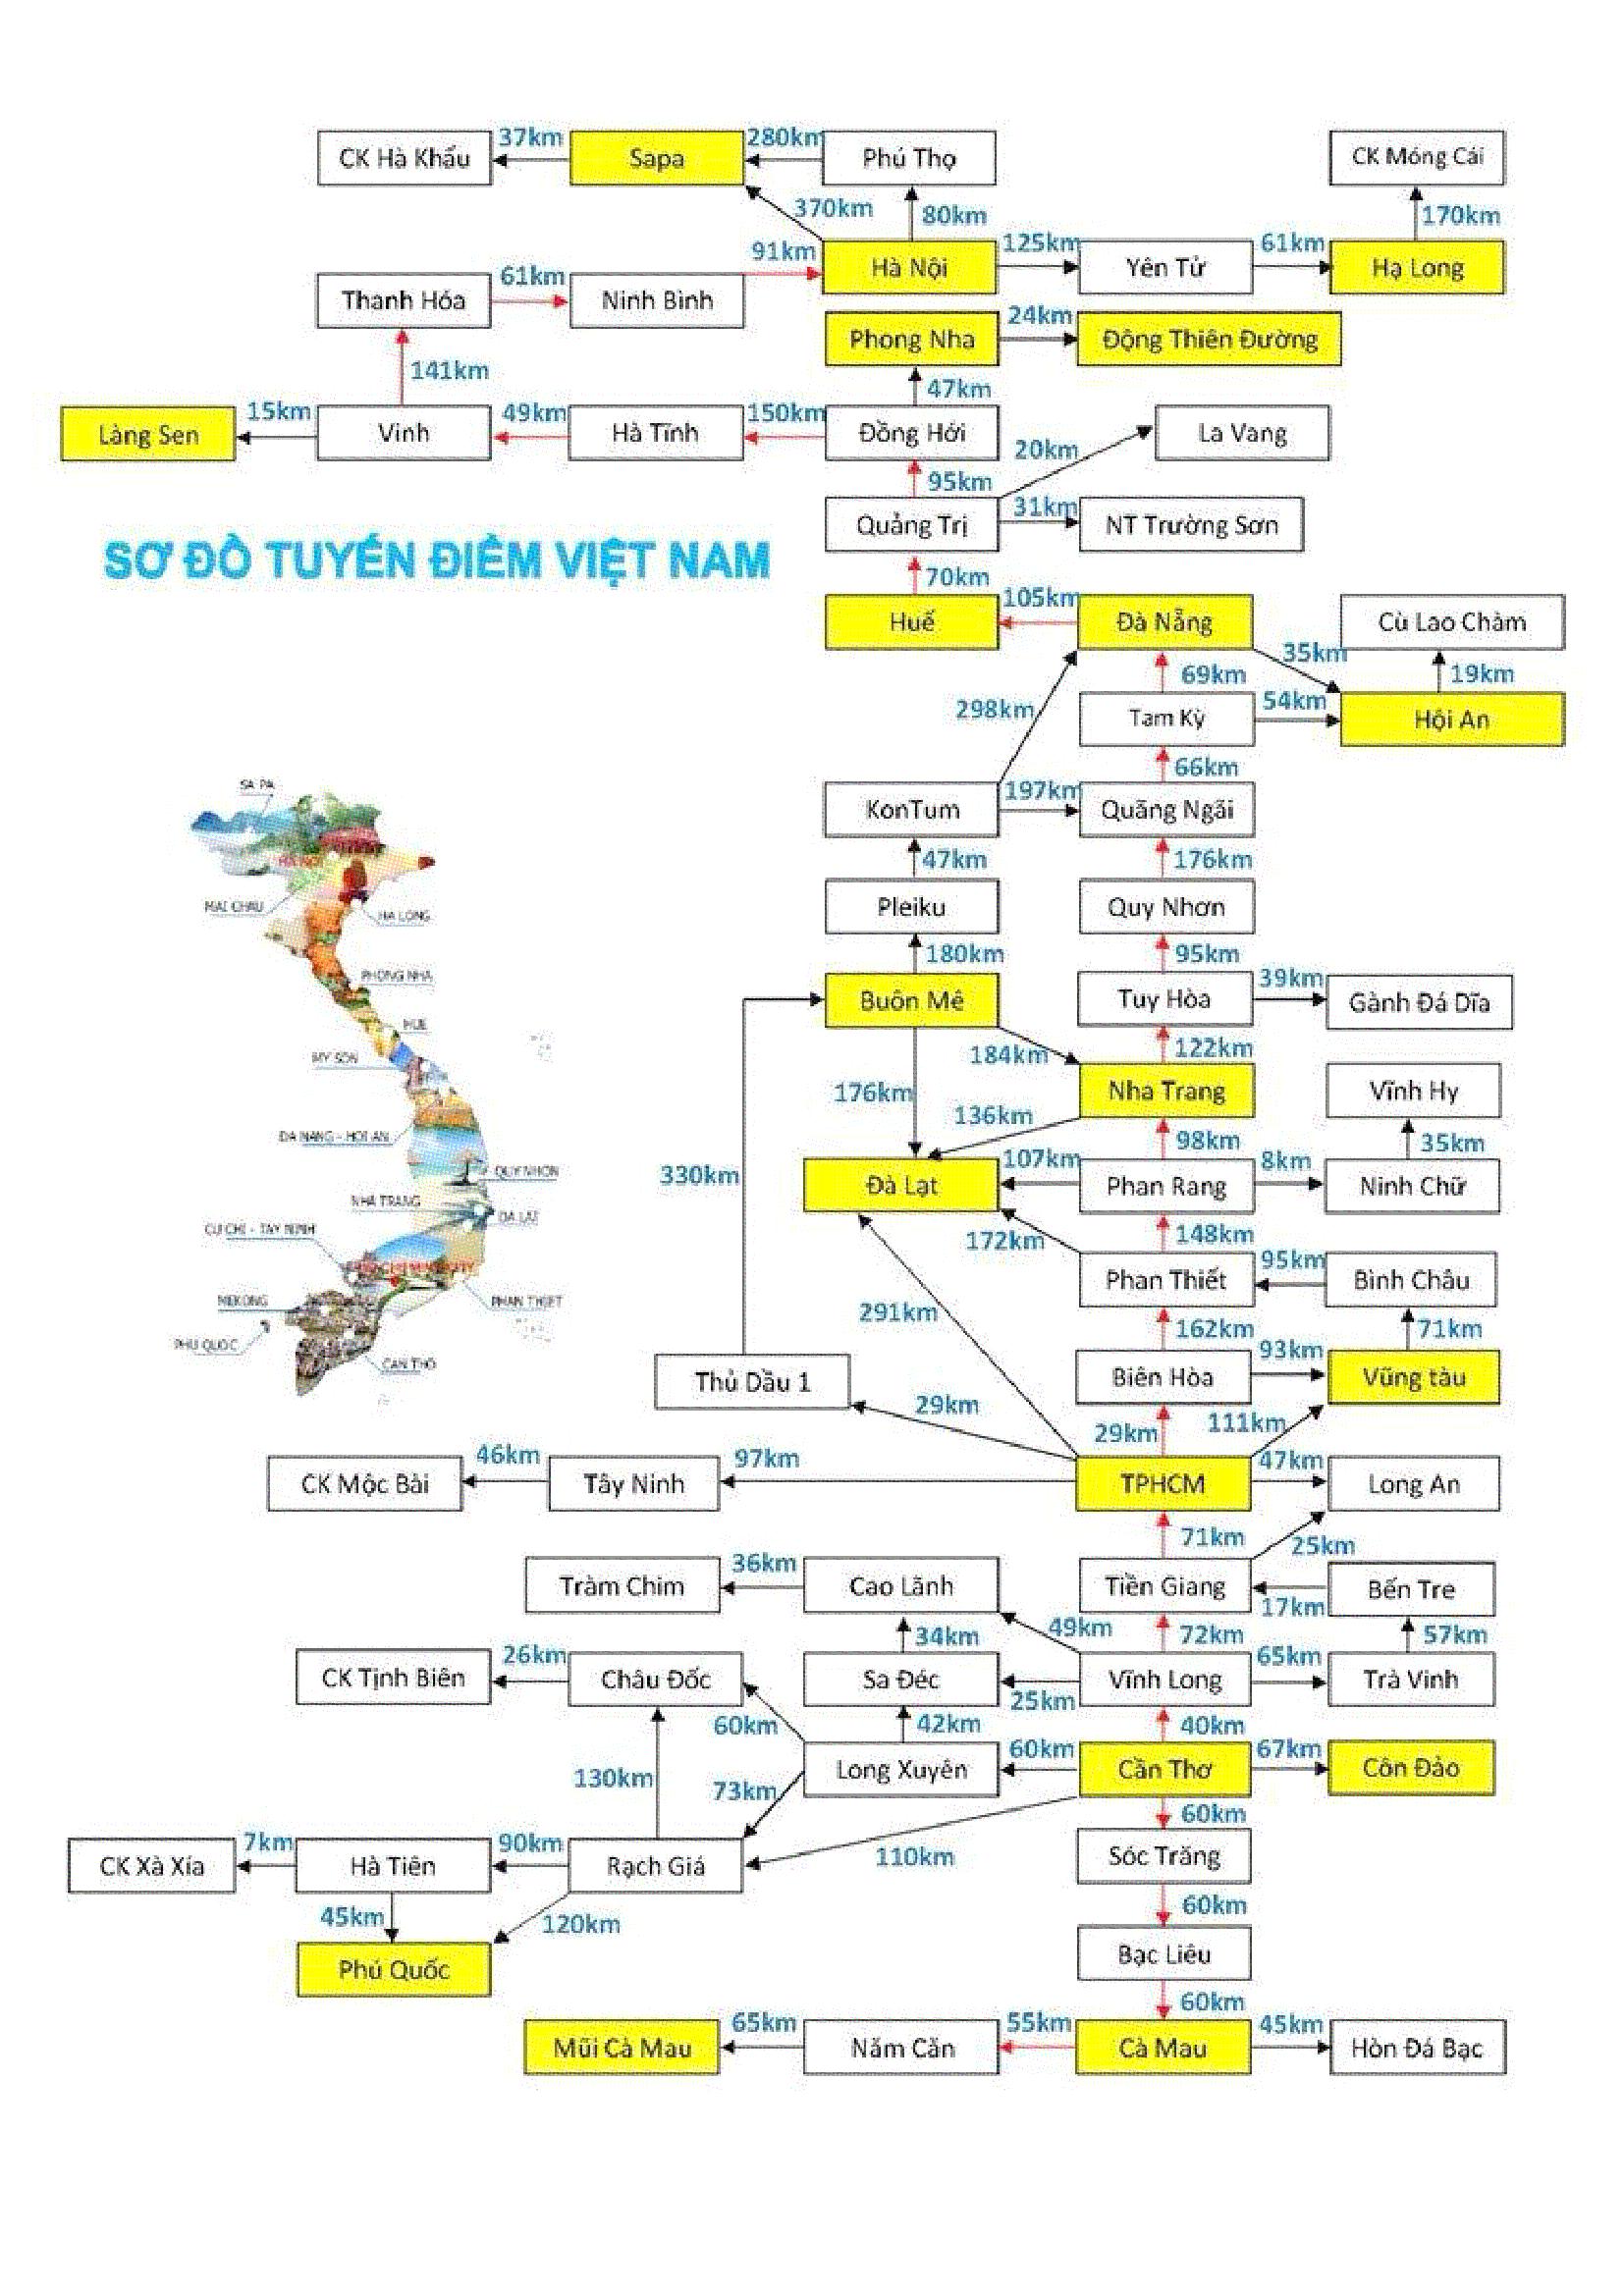 Bàn đồ, sơ đồ tuyến điểm du lịch Việt Nam